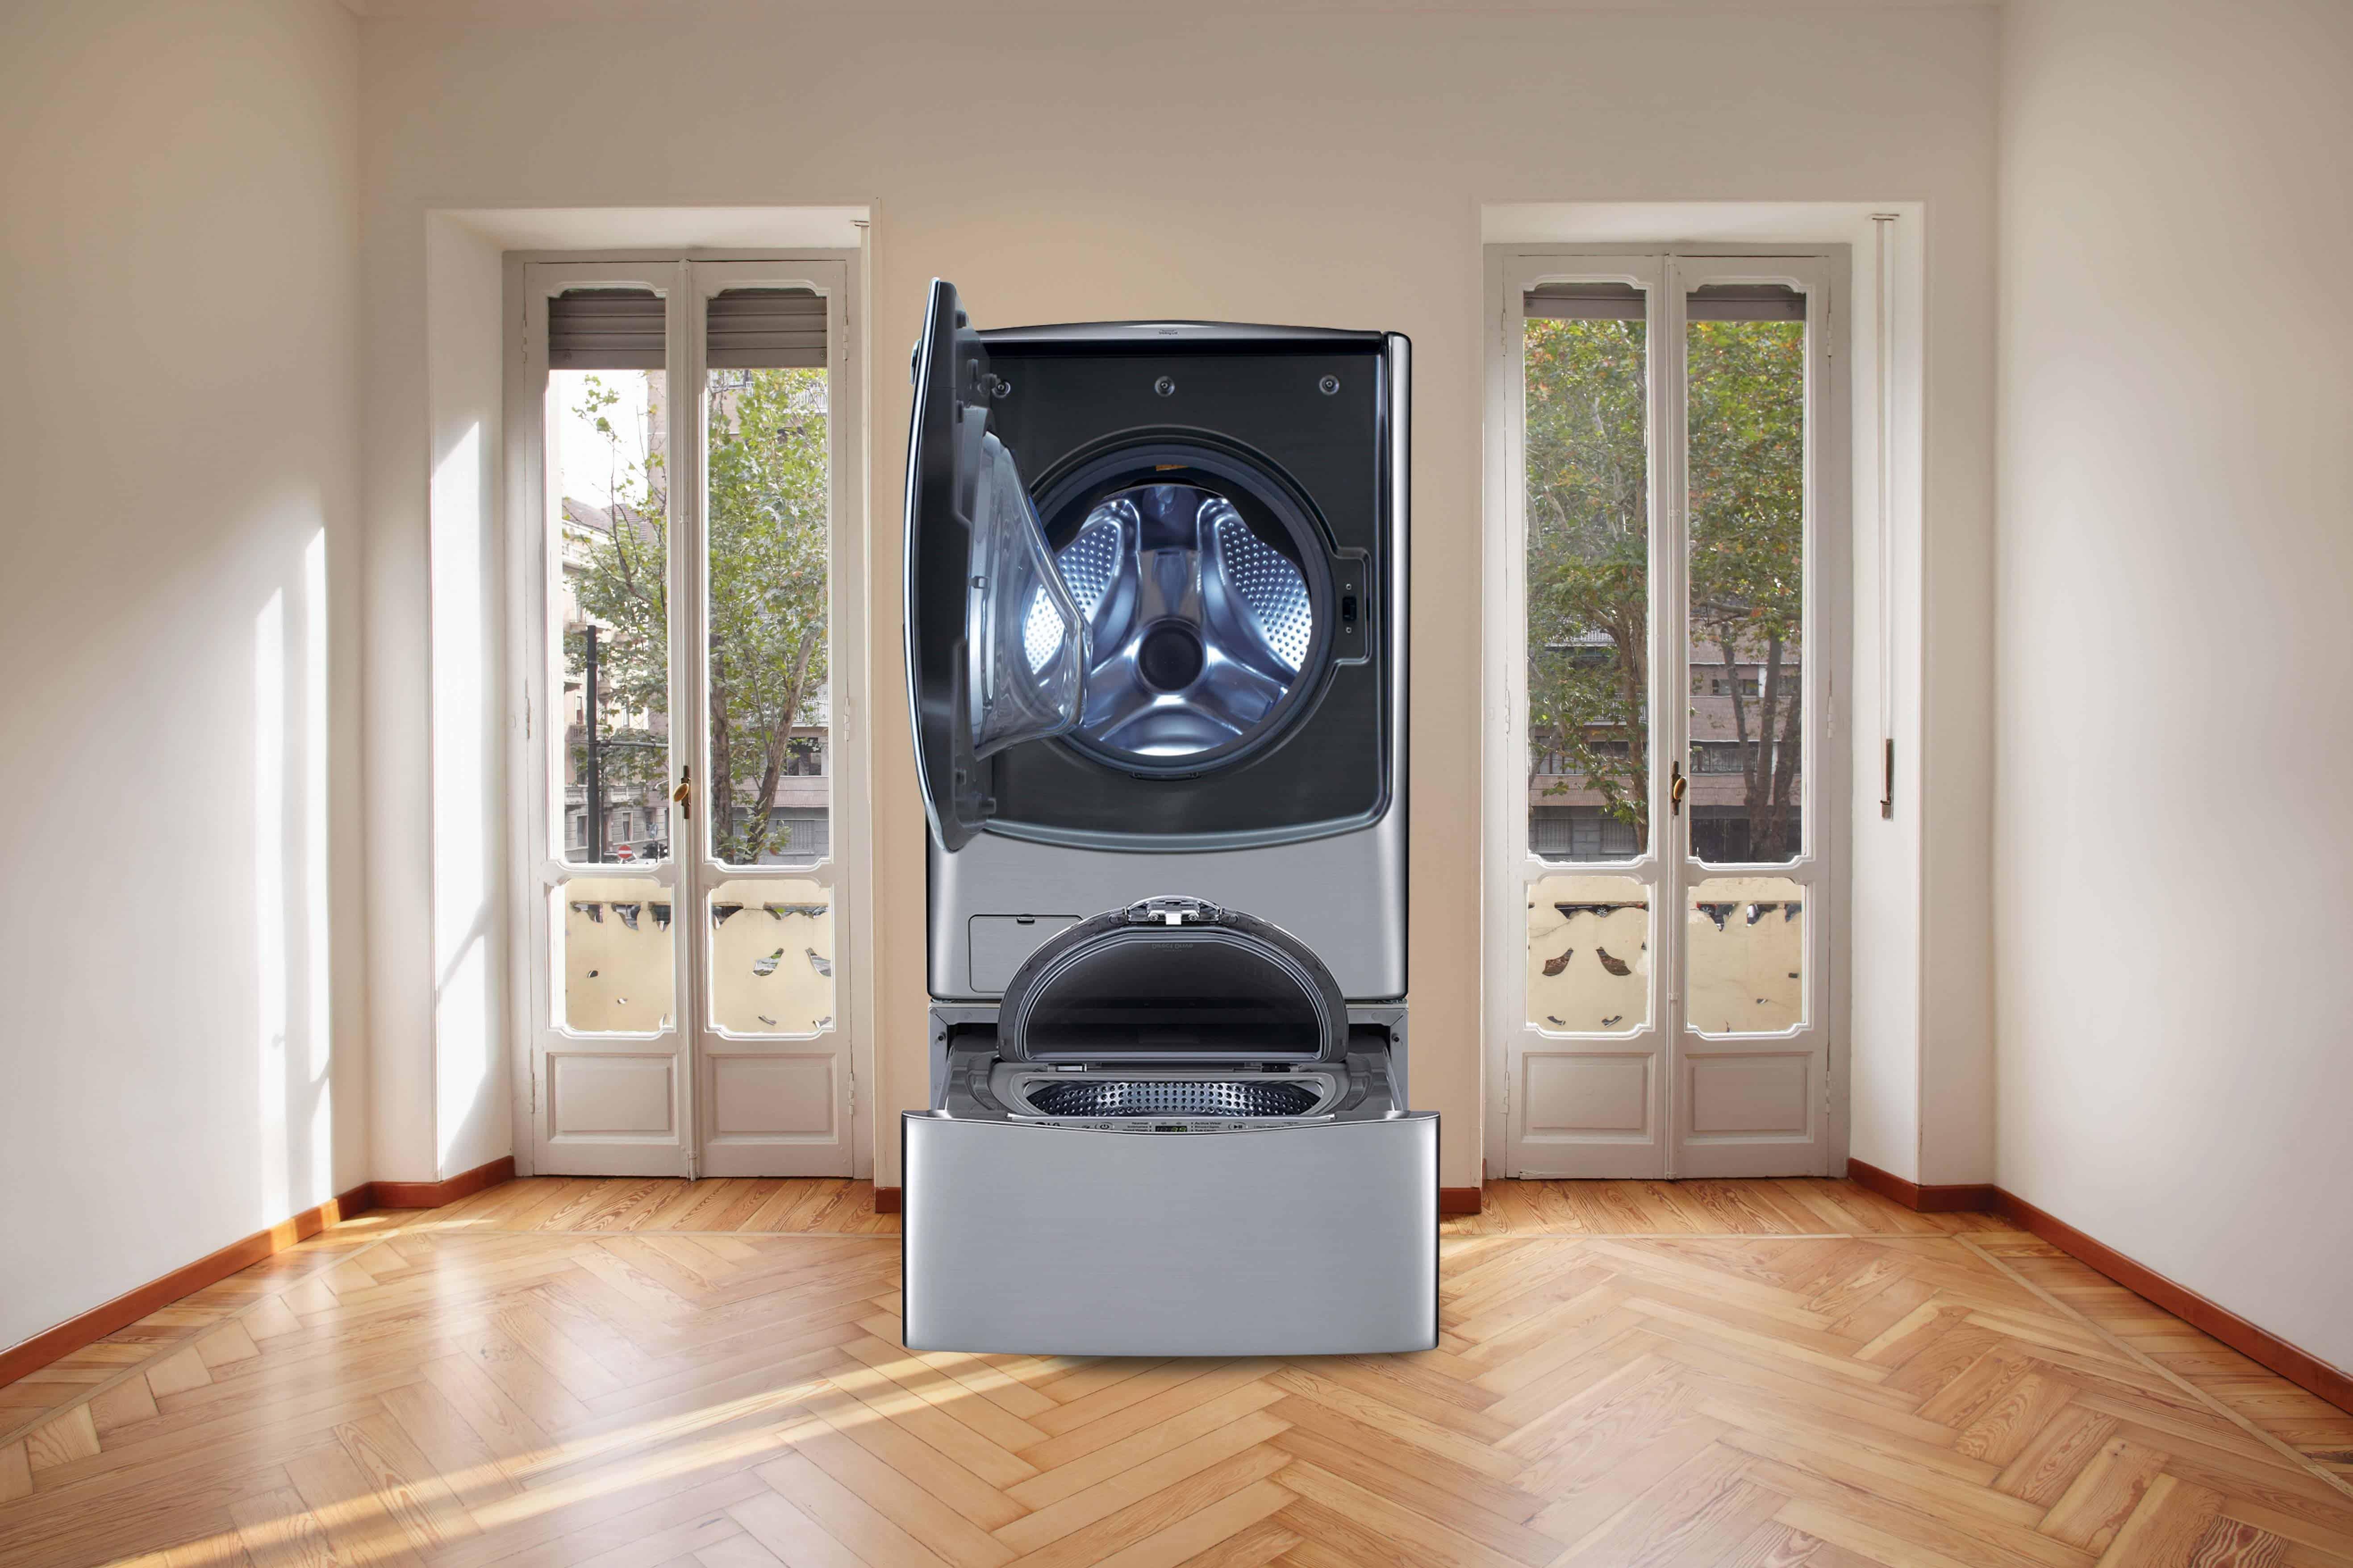 מכונת כביסה LG Twin wash צילום יחצ חול